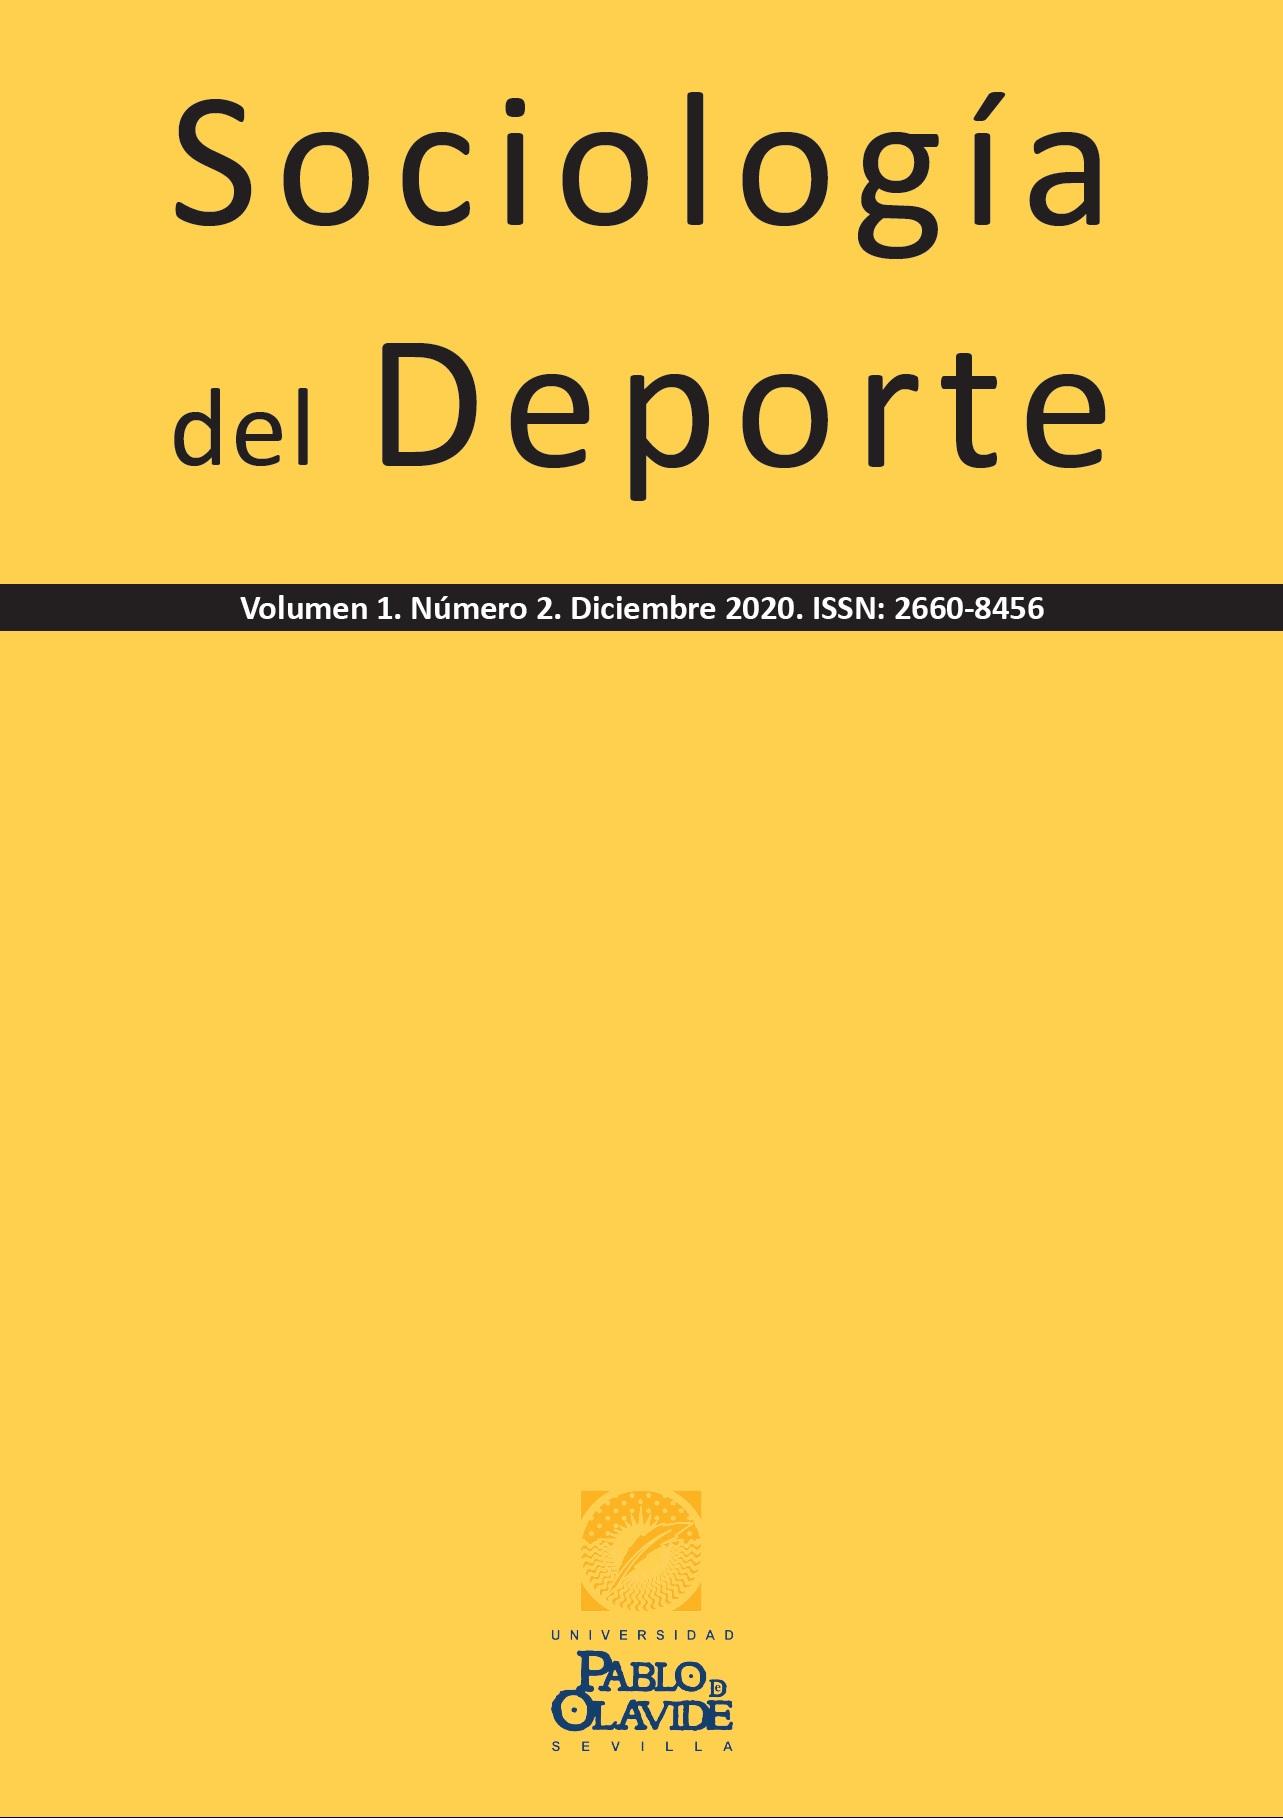 Portada Volumen 1, Número 2, Sociología del Deporte (SD)